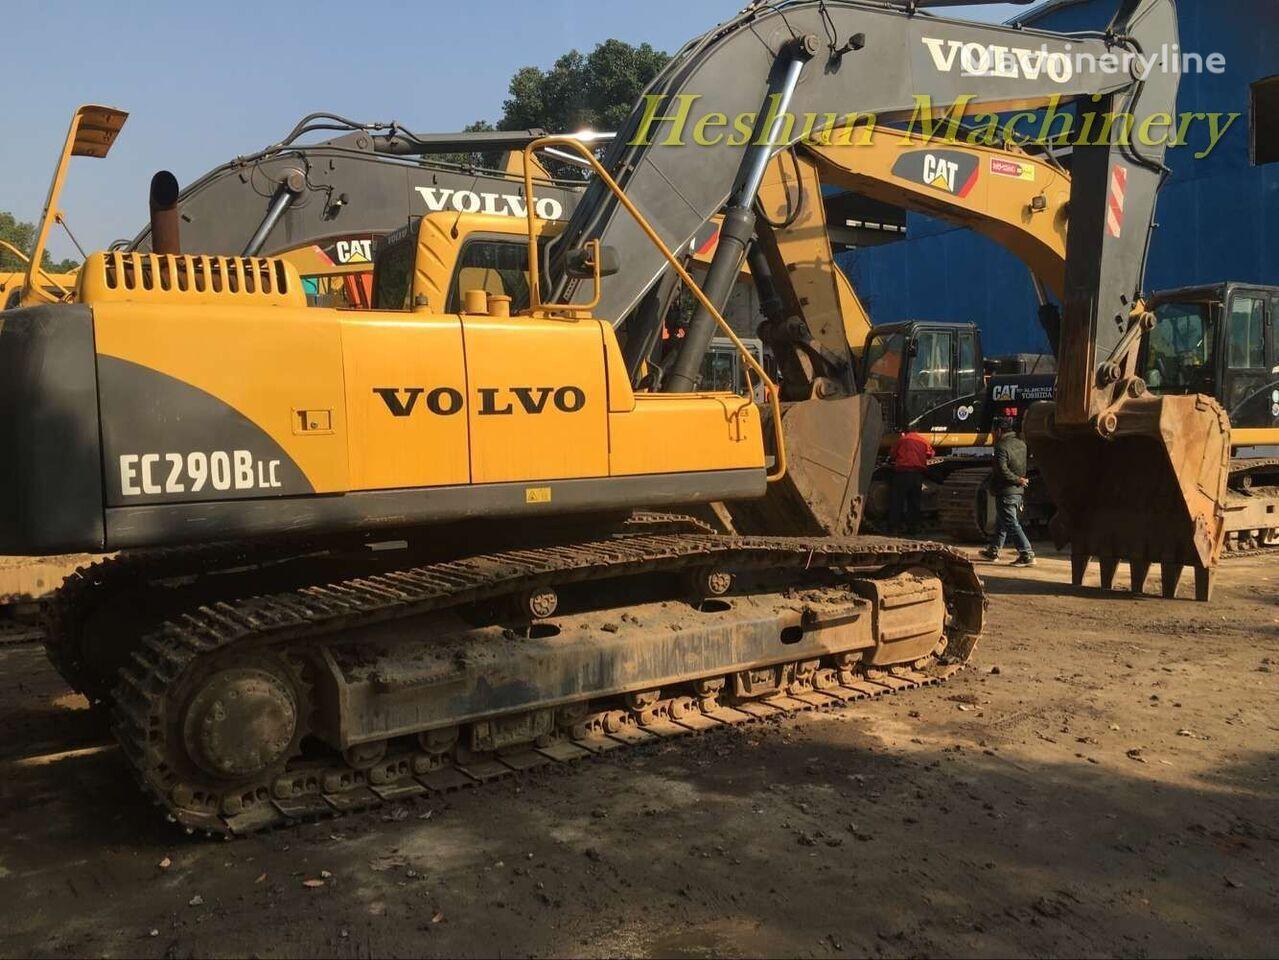 VOLVO EC290BLC tracked excavator